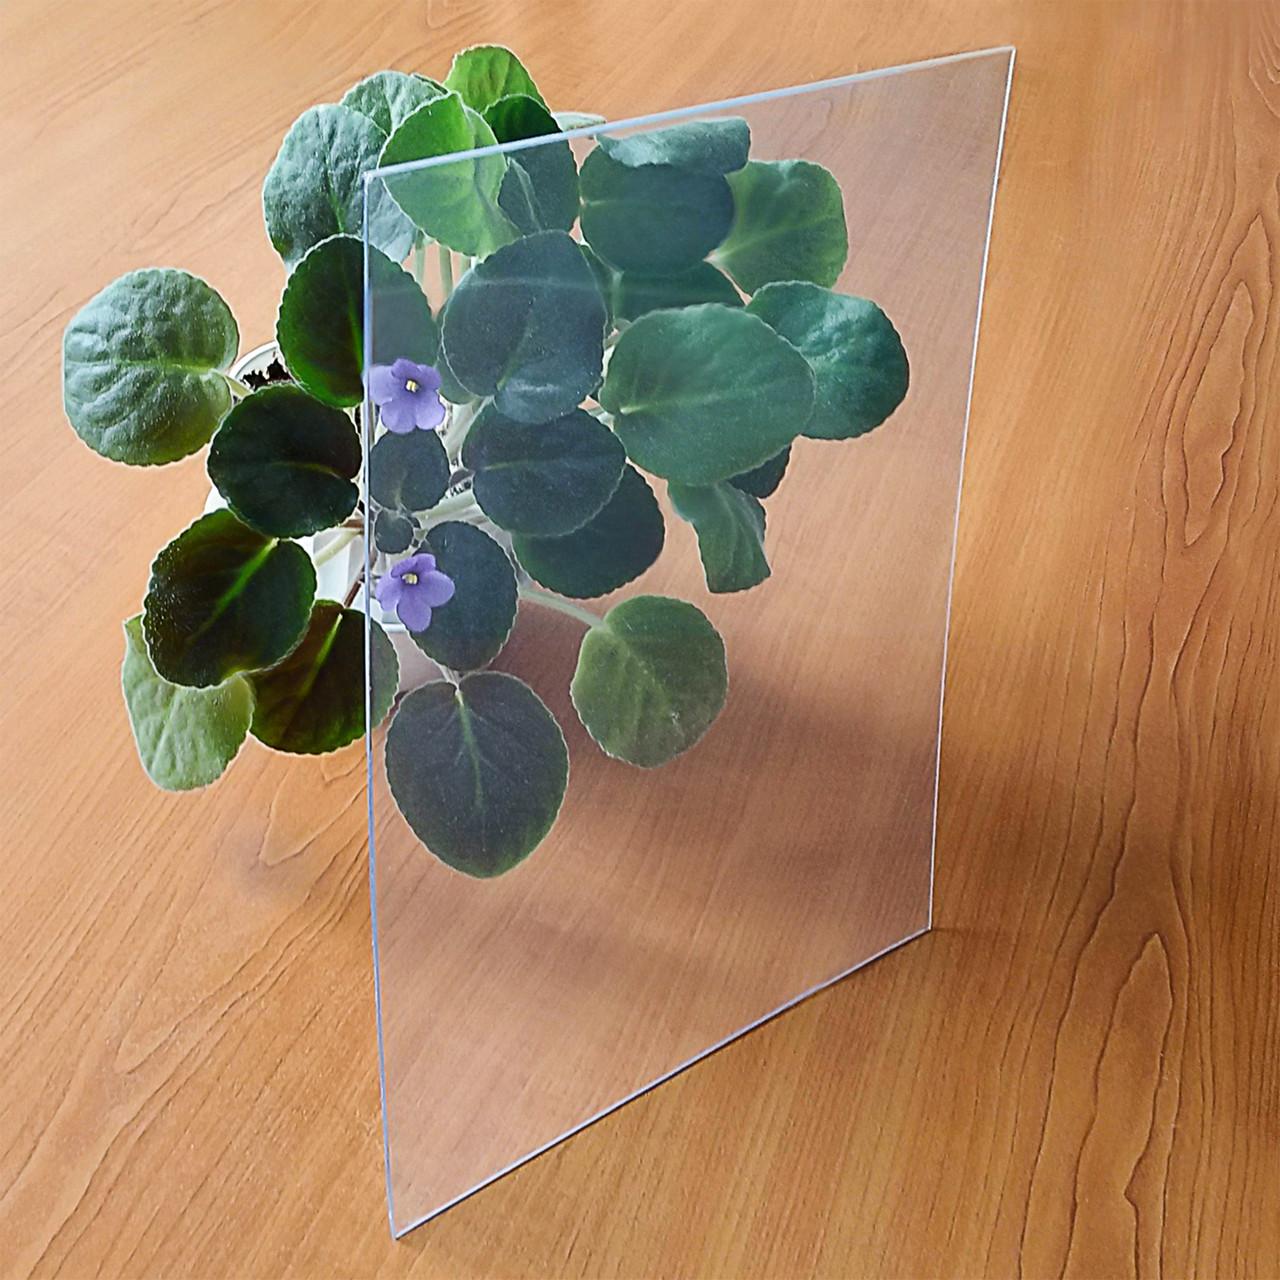 ПВХ твердый прозрачный, лист 1 x 2 м, 0.6 мм